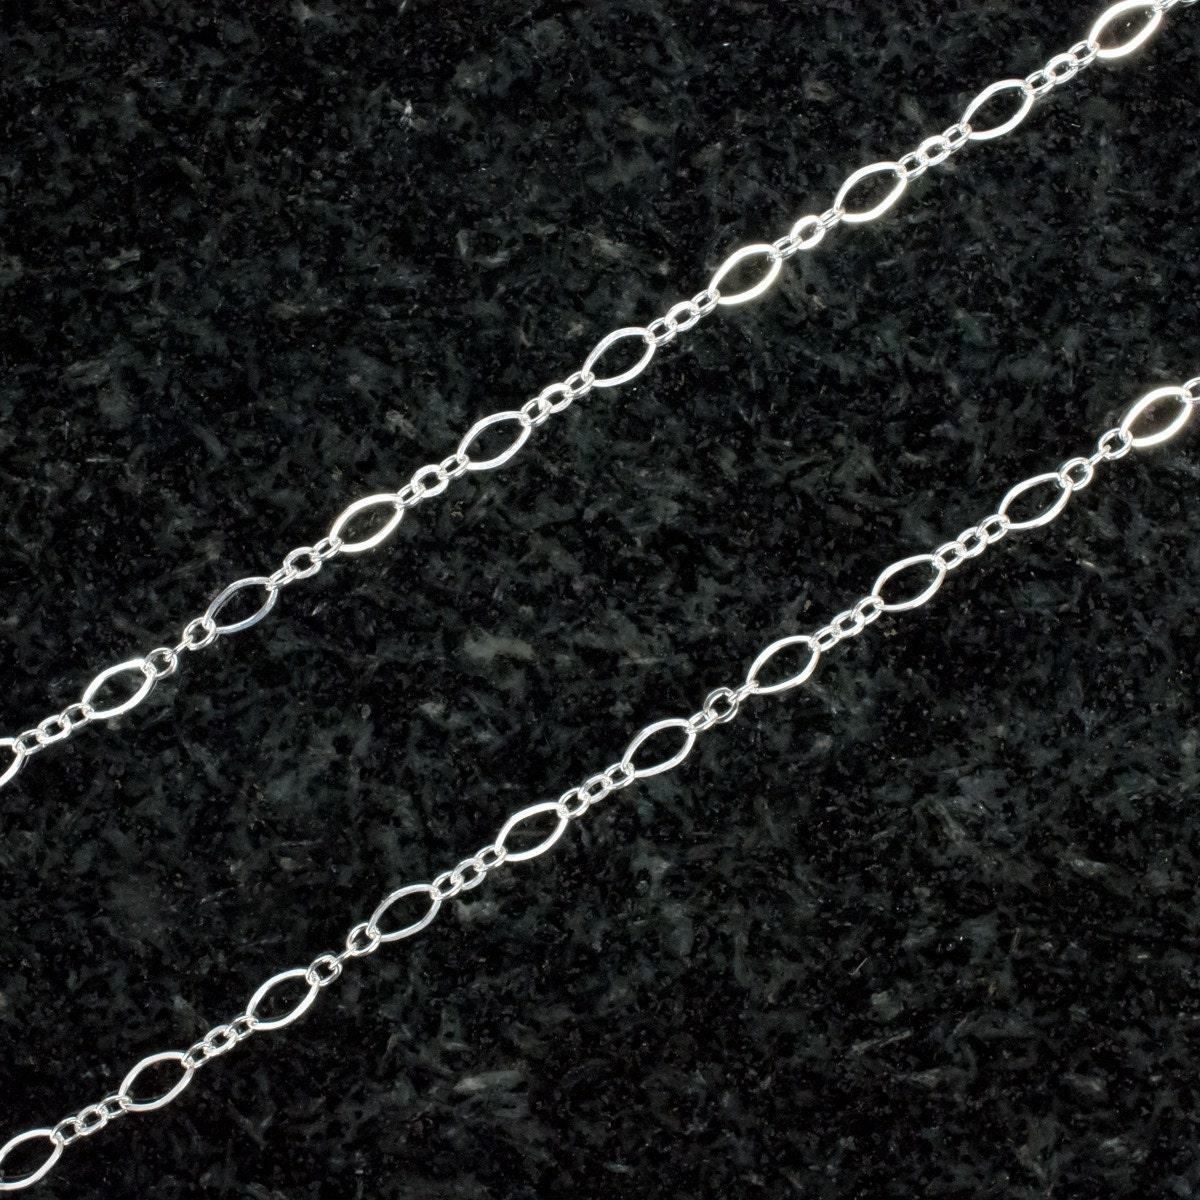 10 pieds chaîne - en argent Sterling Long et ovale à chaîne pieds courte 8e53f2